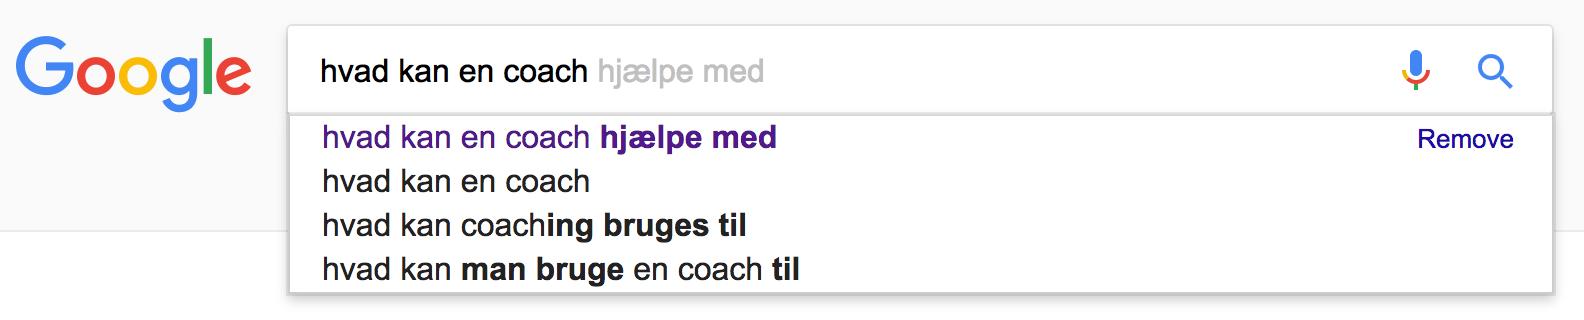 Hvad kan en coach hjælpe med?